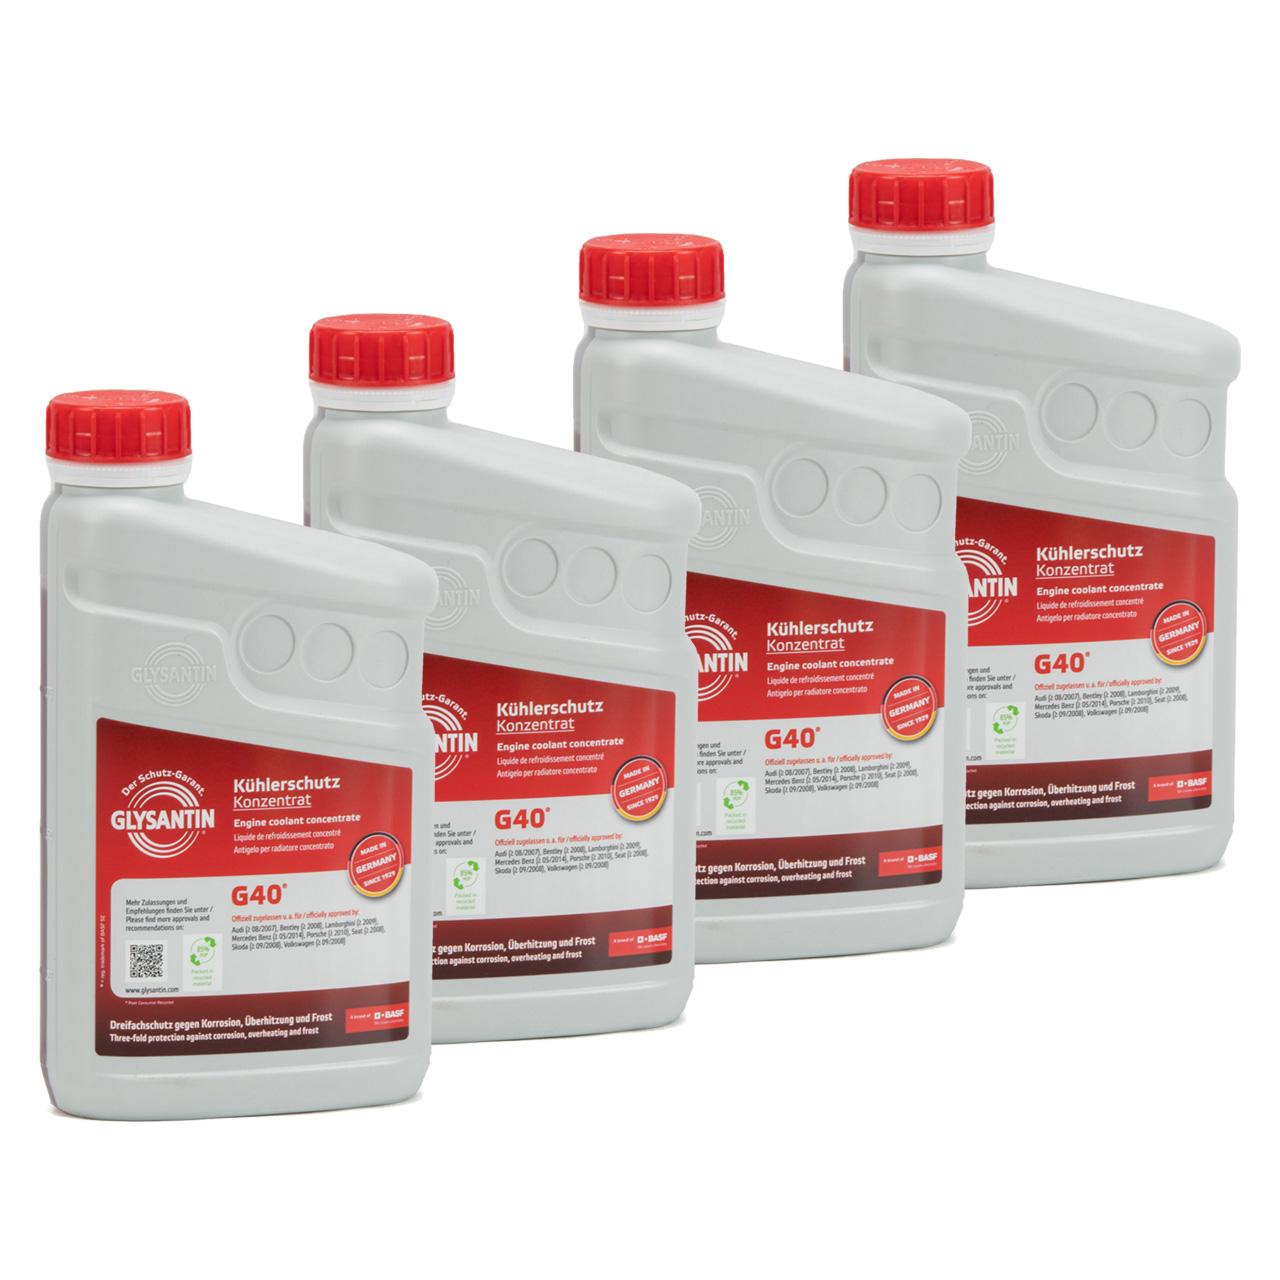 BASF GLYSANTIN Frostschutz Kühlerfrostschutz Konzentrat G40 PINK 4L 4 Liter